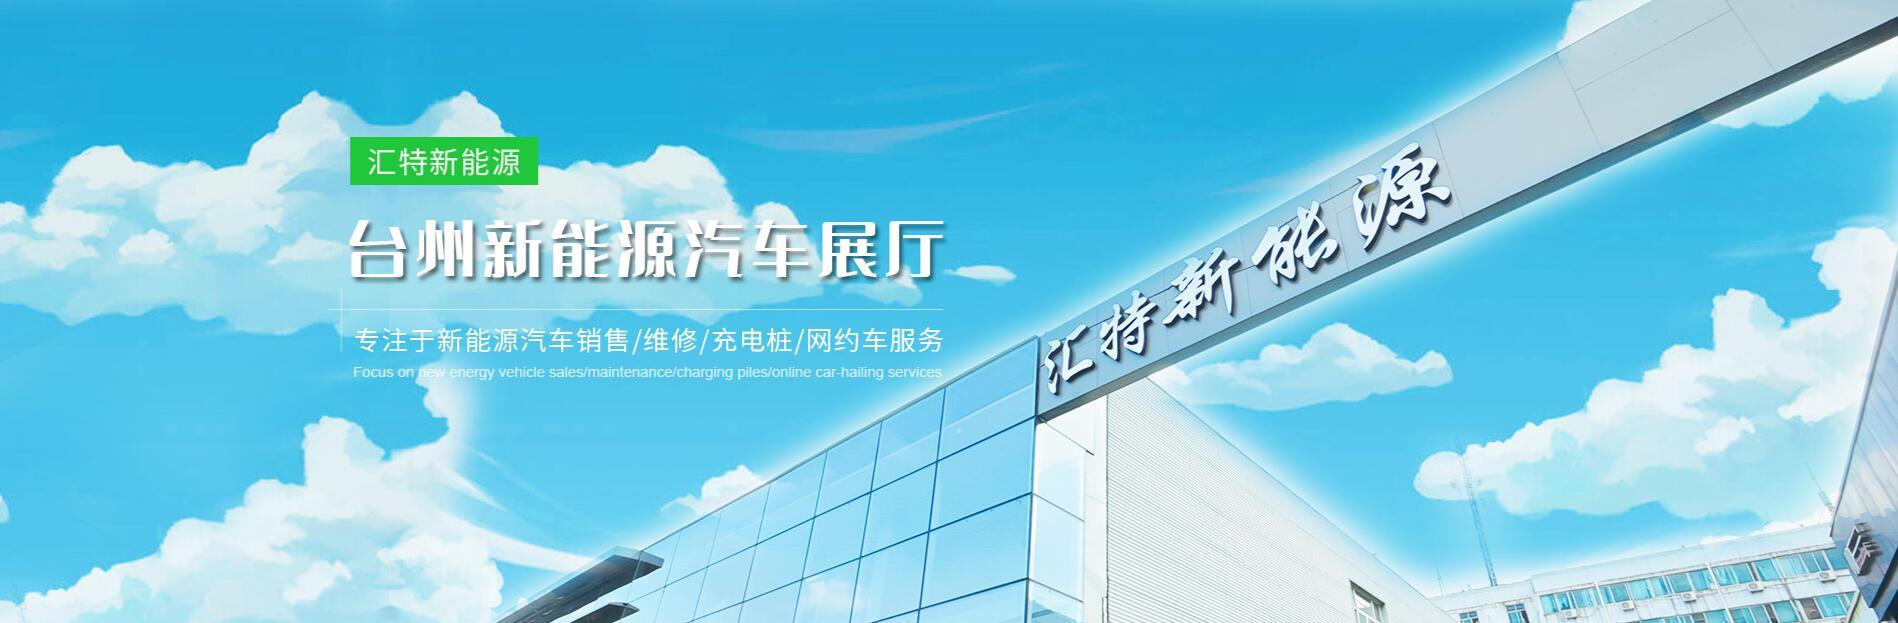 臺州匯特新能源科技有限公司公司介紹